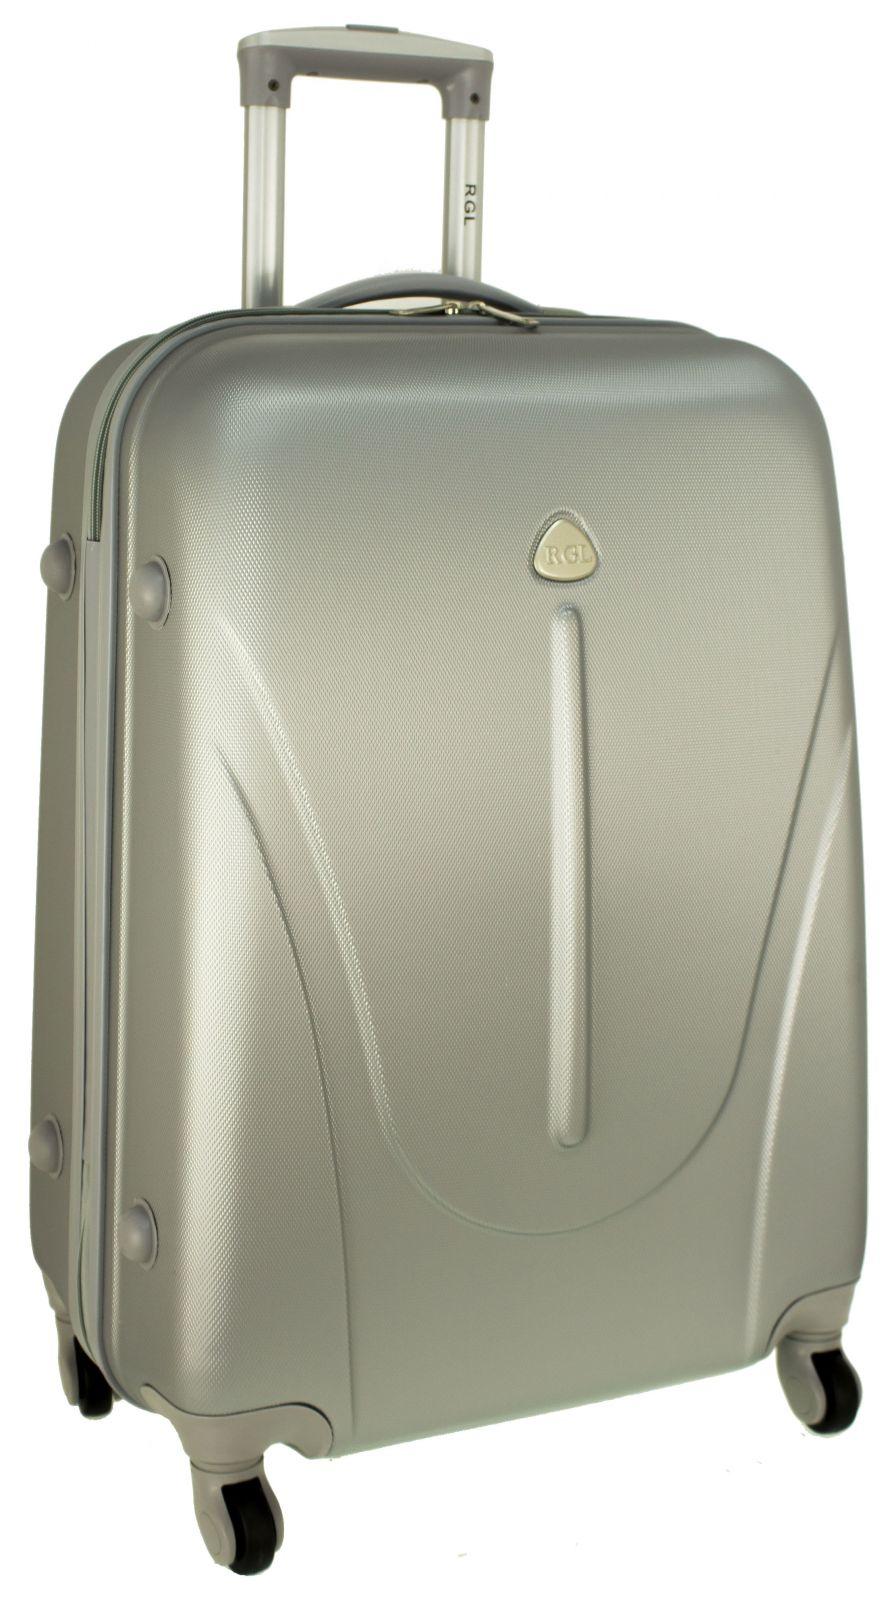 Cestovní kufr RGL 883 ABS SILVER malý S